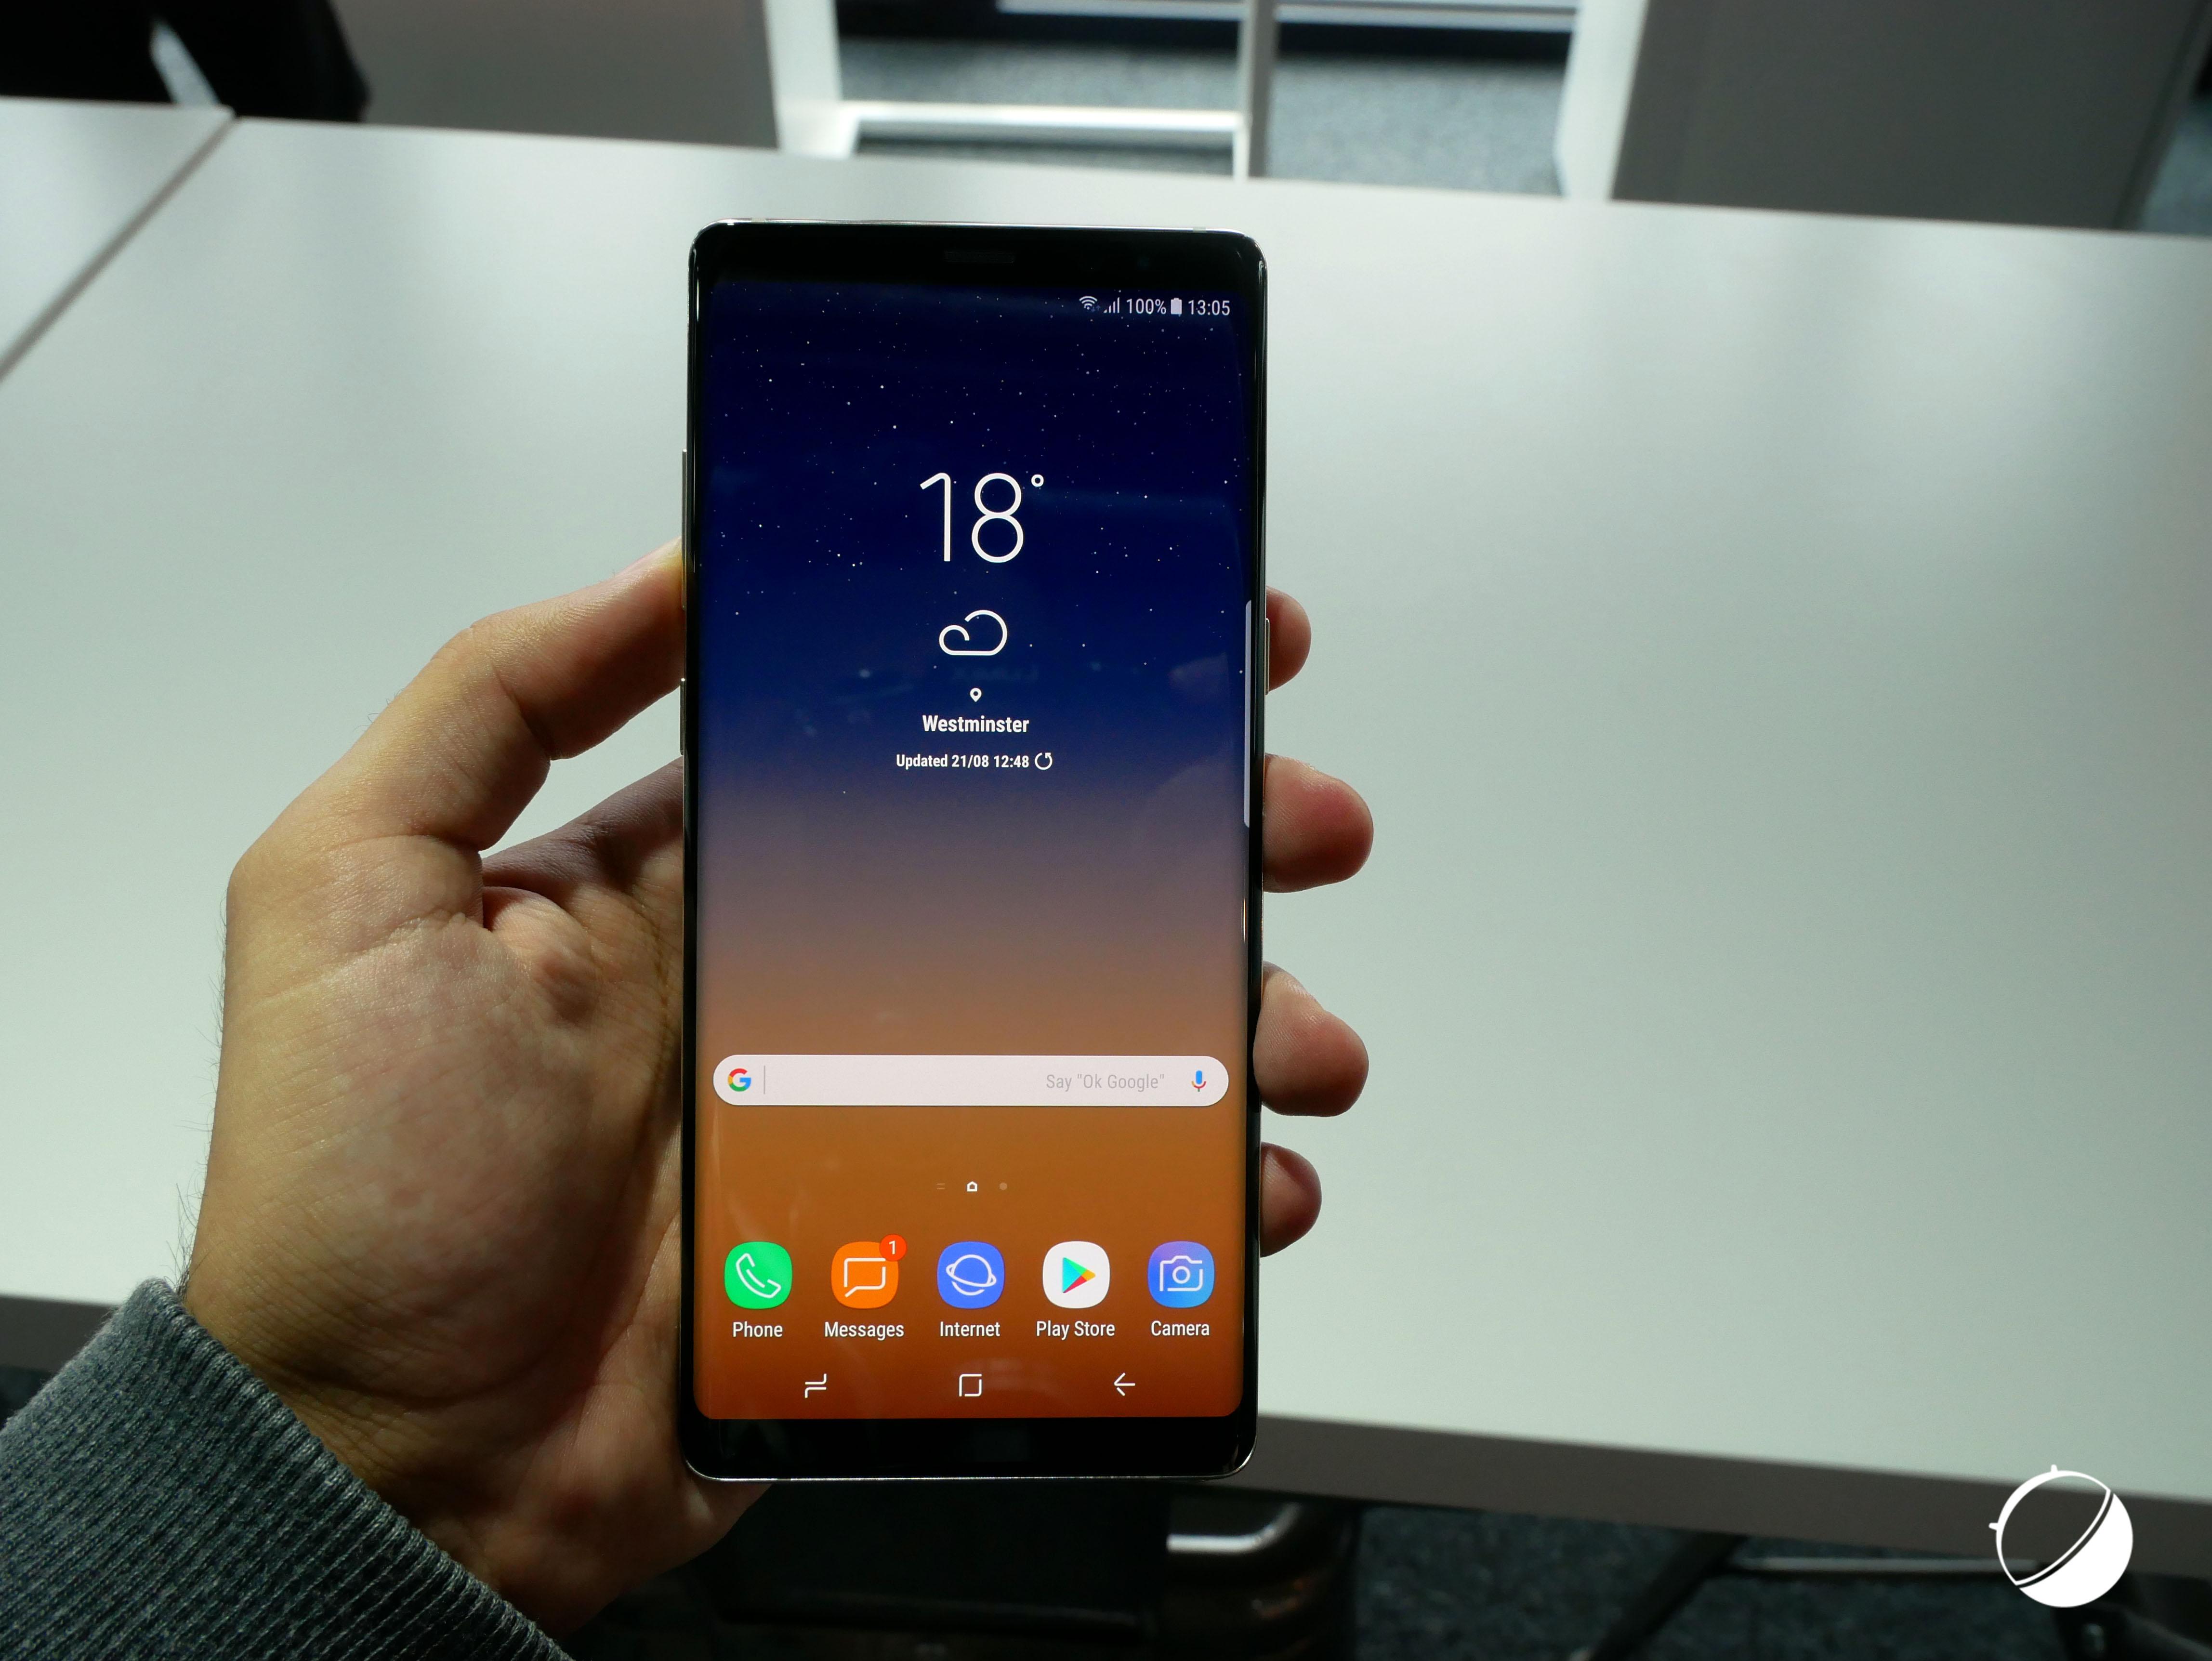 Tech'spresso : Samsung Galaxy Note 8 présenté, Android 8.0 décevant et le Xiaomi Mijia Compact 4K